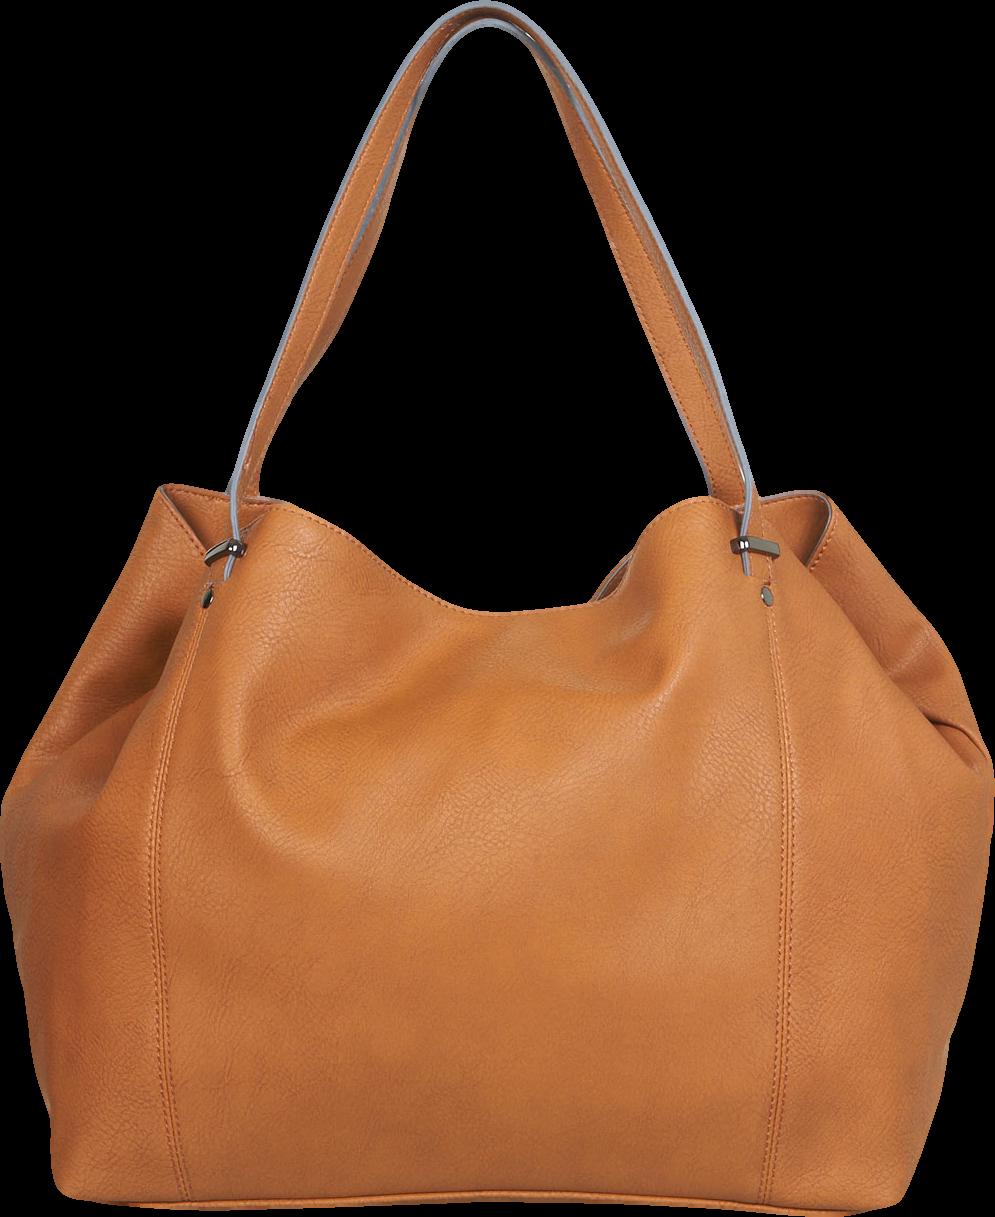 Tan Slouchy Shopper Bag